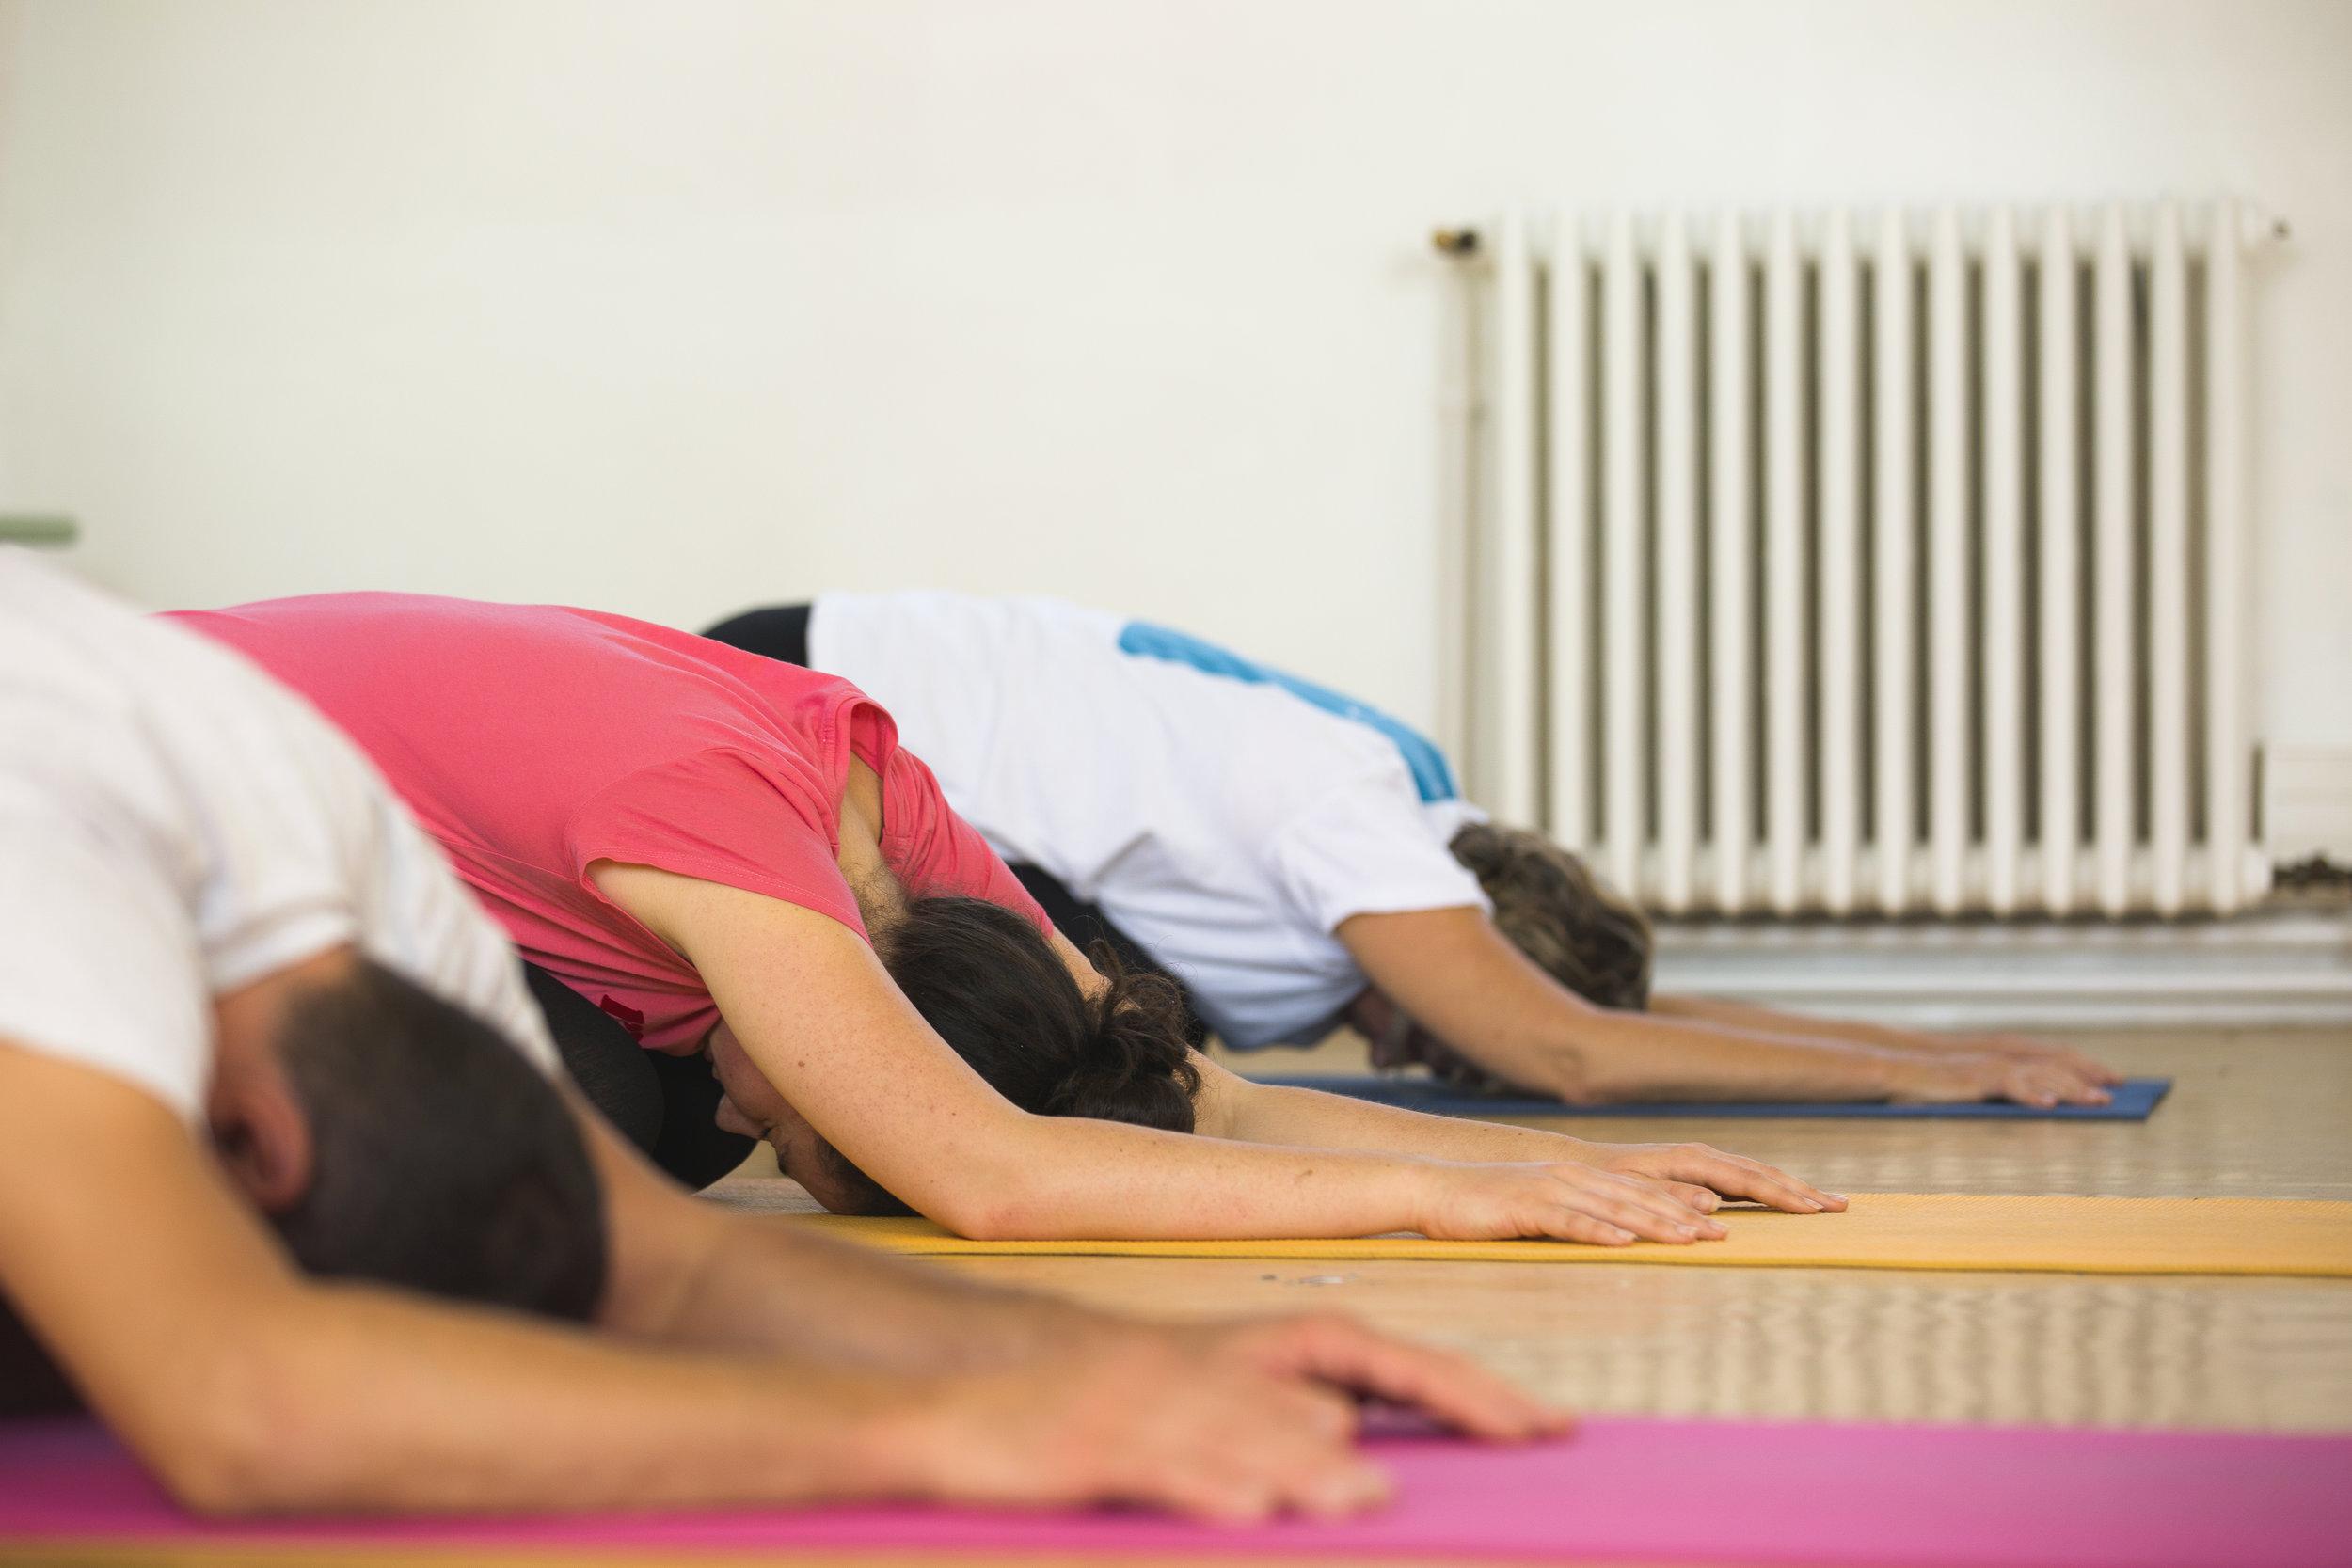 Cours Et Formation De Yoga A Fontenay Sous Bois Paris Yoga Paris